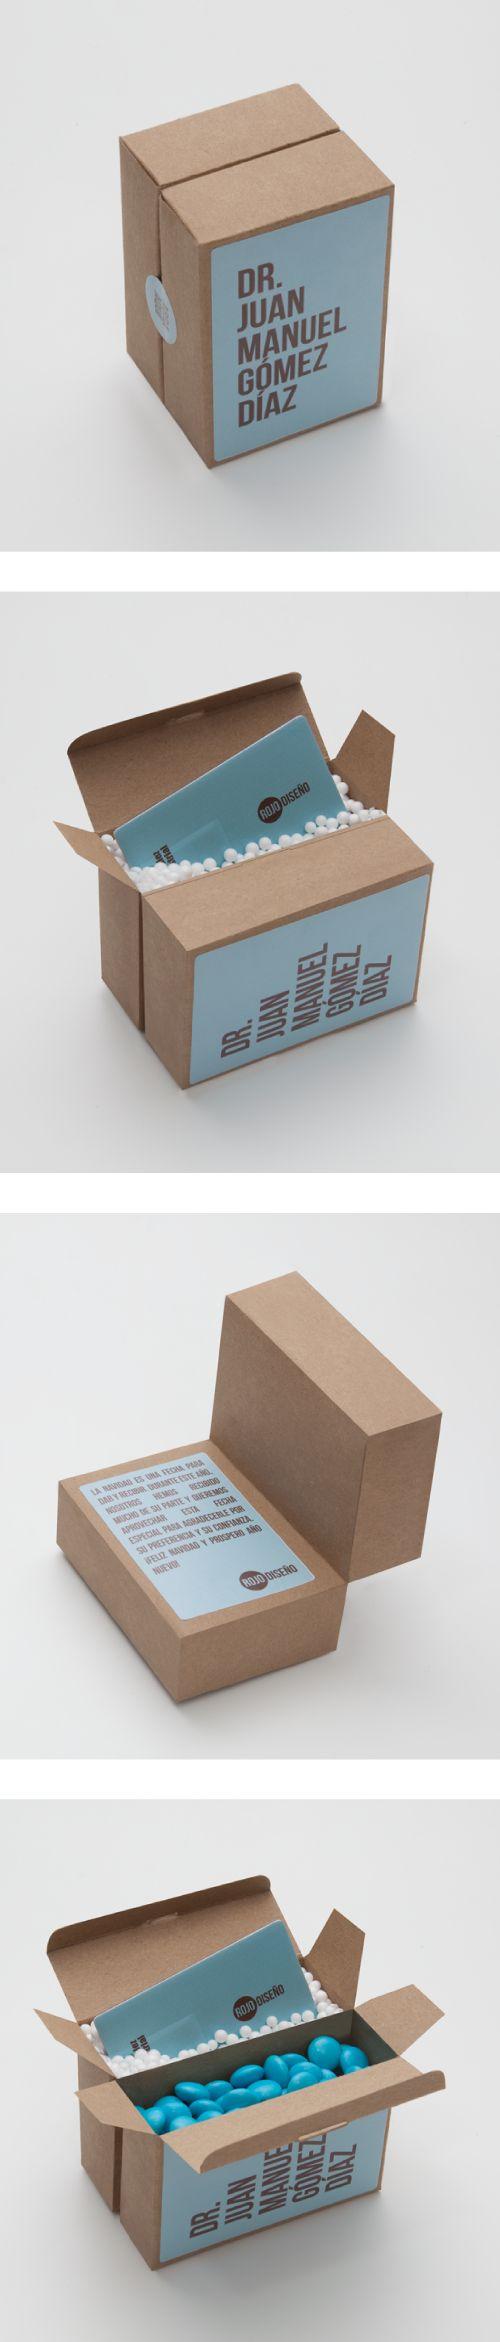 Caja Regalo USB / www.estudio201.com Regalo promocional para clientes, contenido: personalizacion del regalo, mensaje, memoria USB con portafolio de la empresa y chocolates con el color corporativo para generar mayor recordación de marca. Dirección artística: fotografía, composición de piezas gráficas.